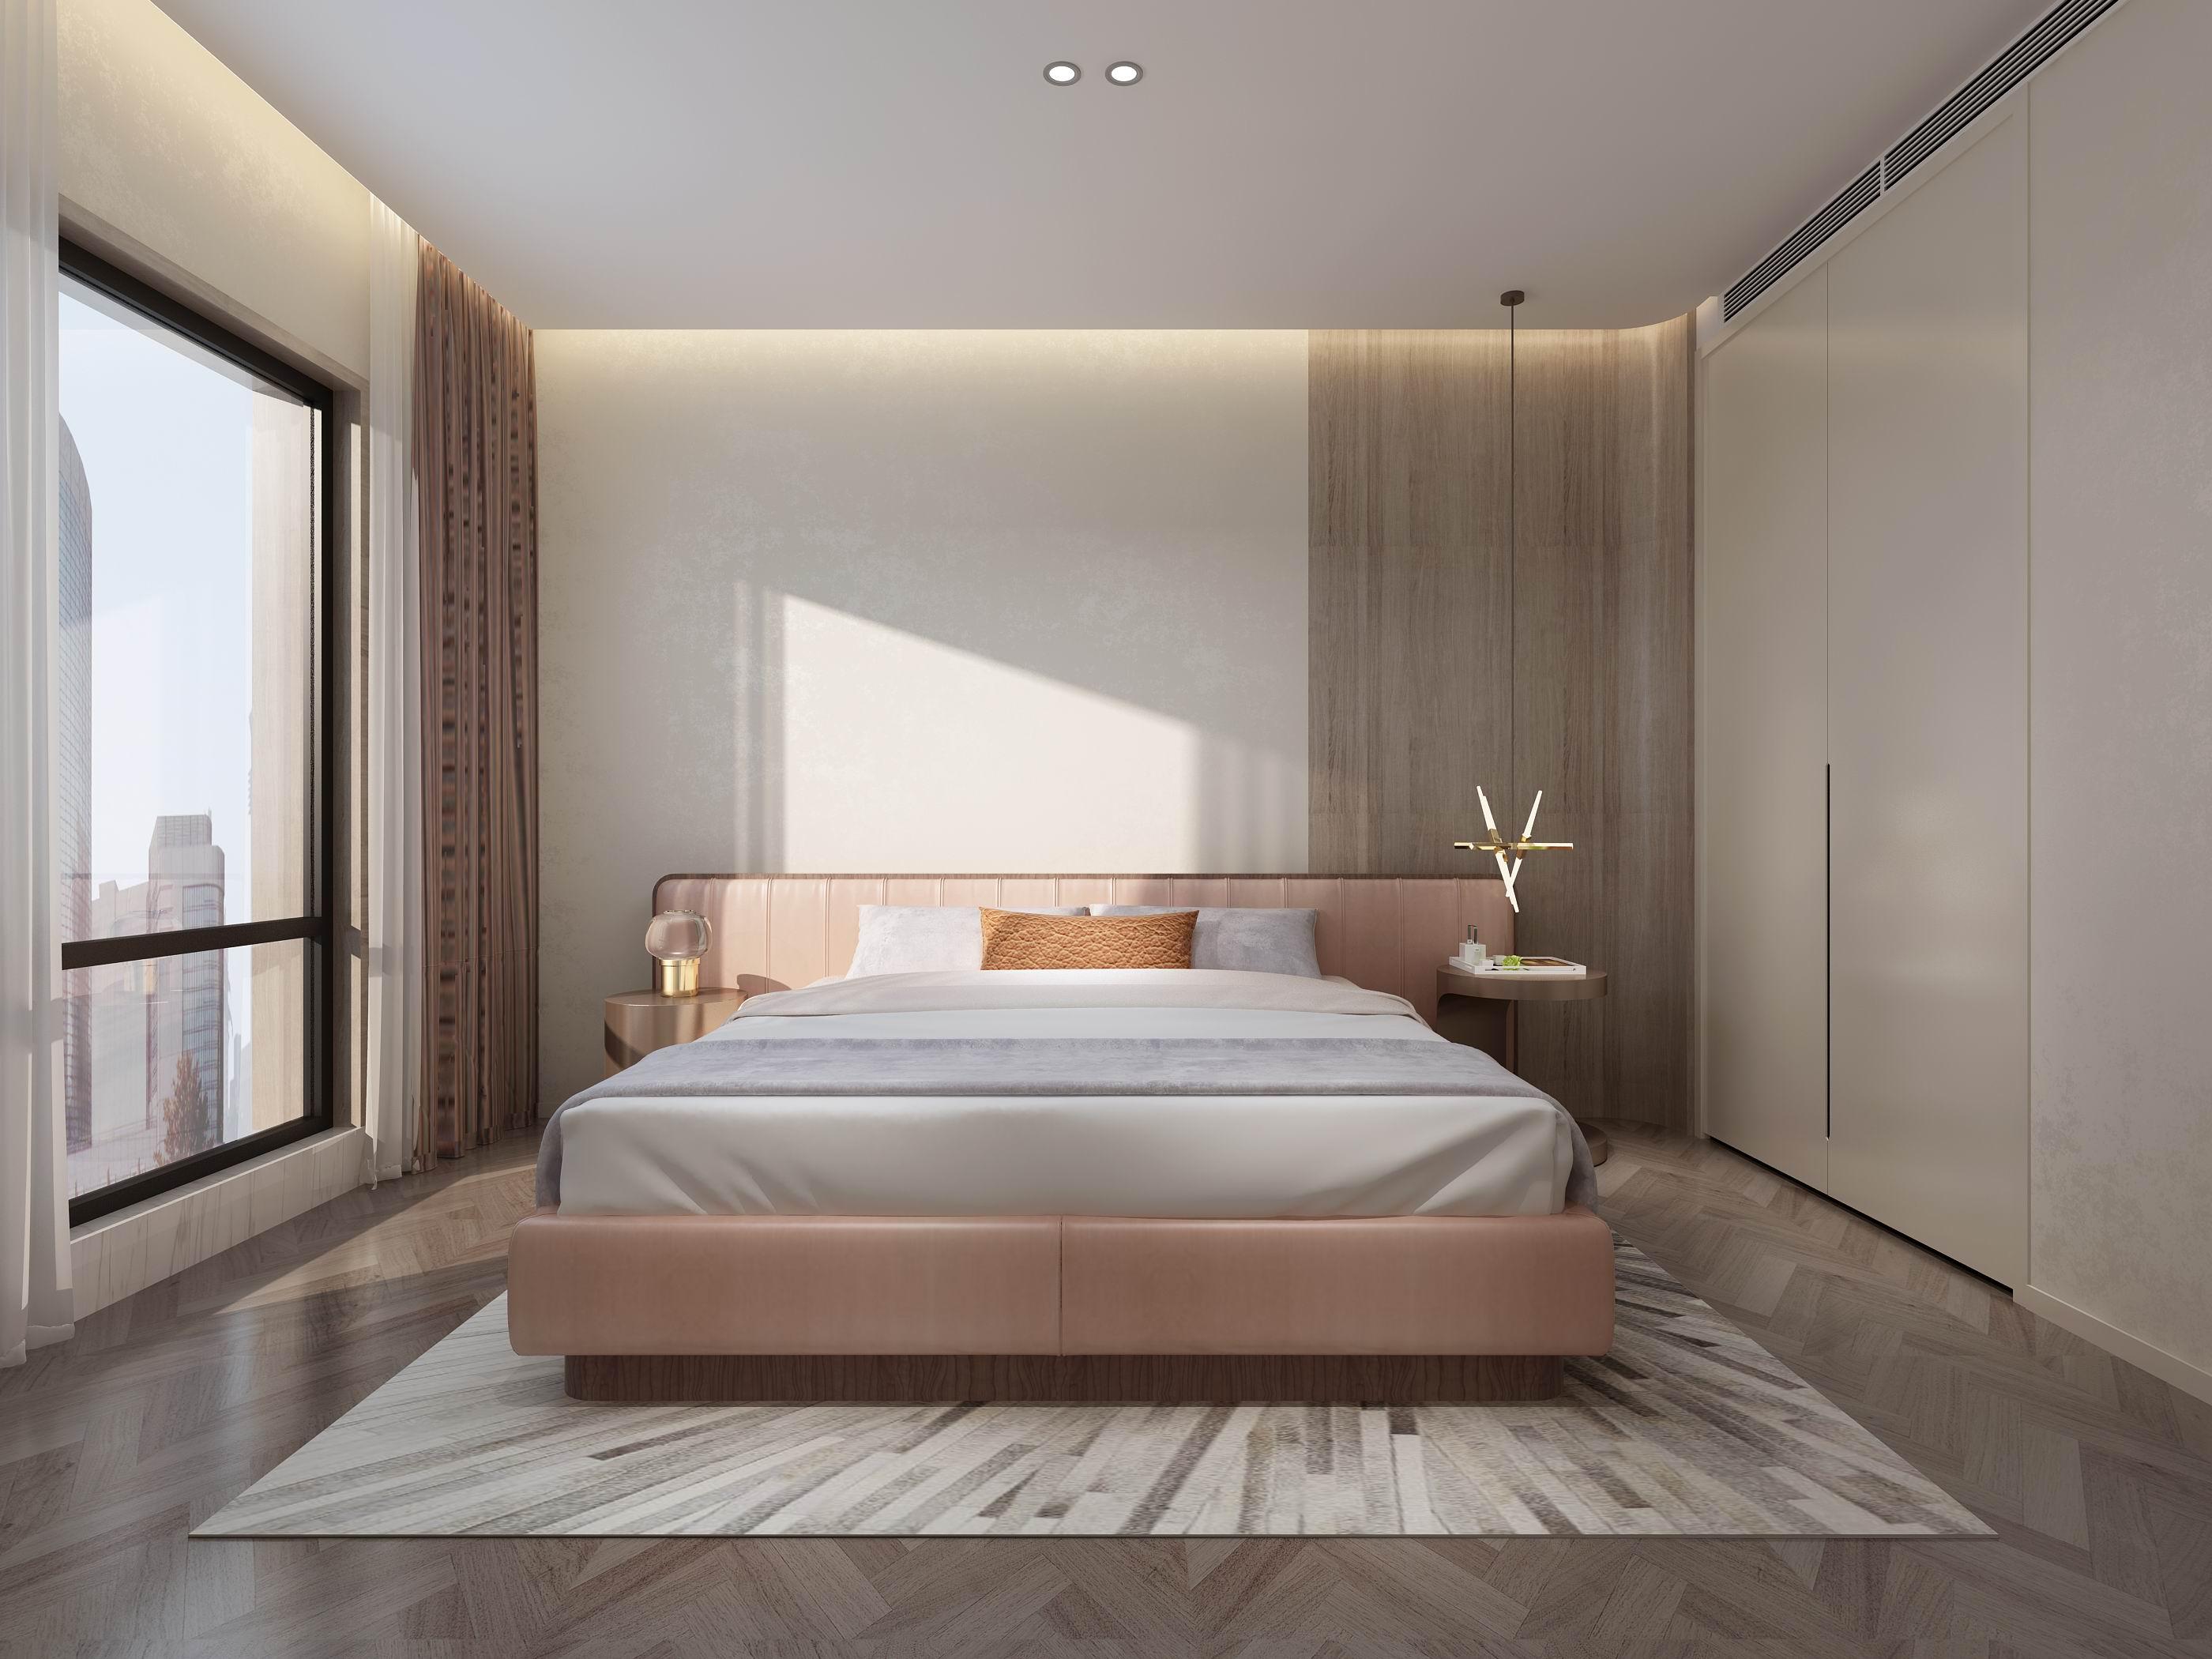 卧室图片来自无锡别墅设计s在别墅528㎡阿卡迪亚现代简约案例的分享